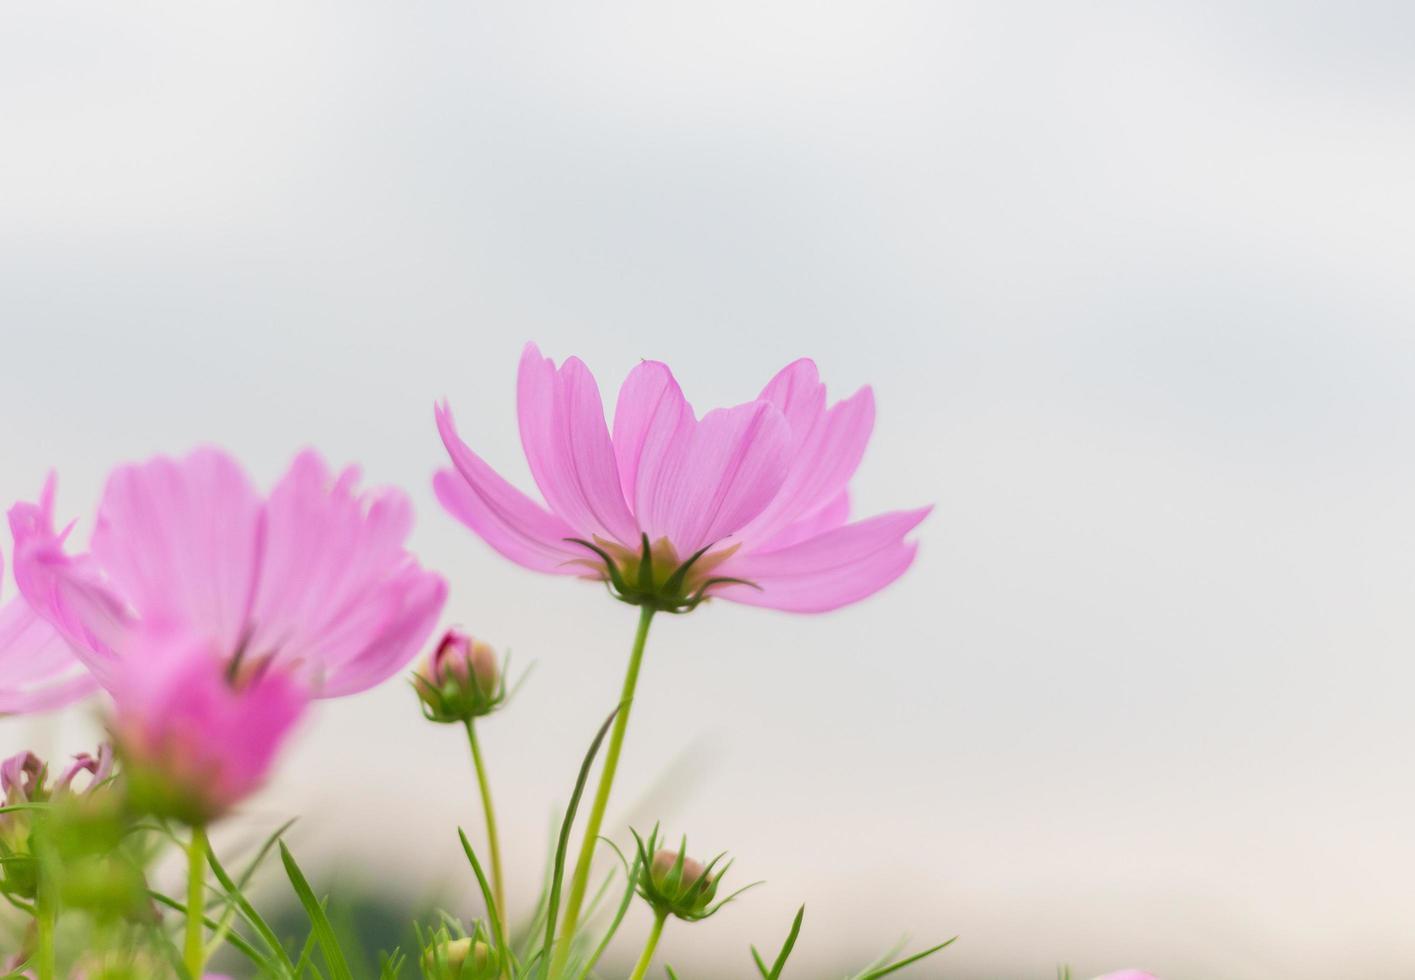 rosa kosmos blommor i fält. foto